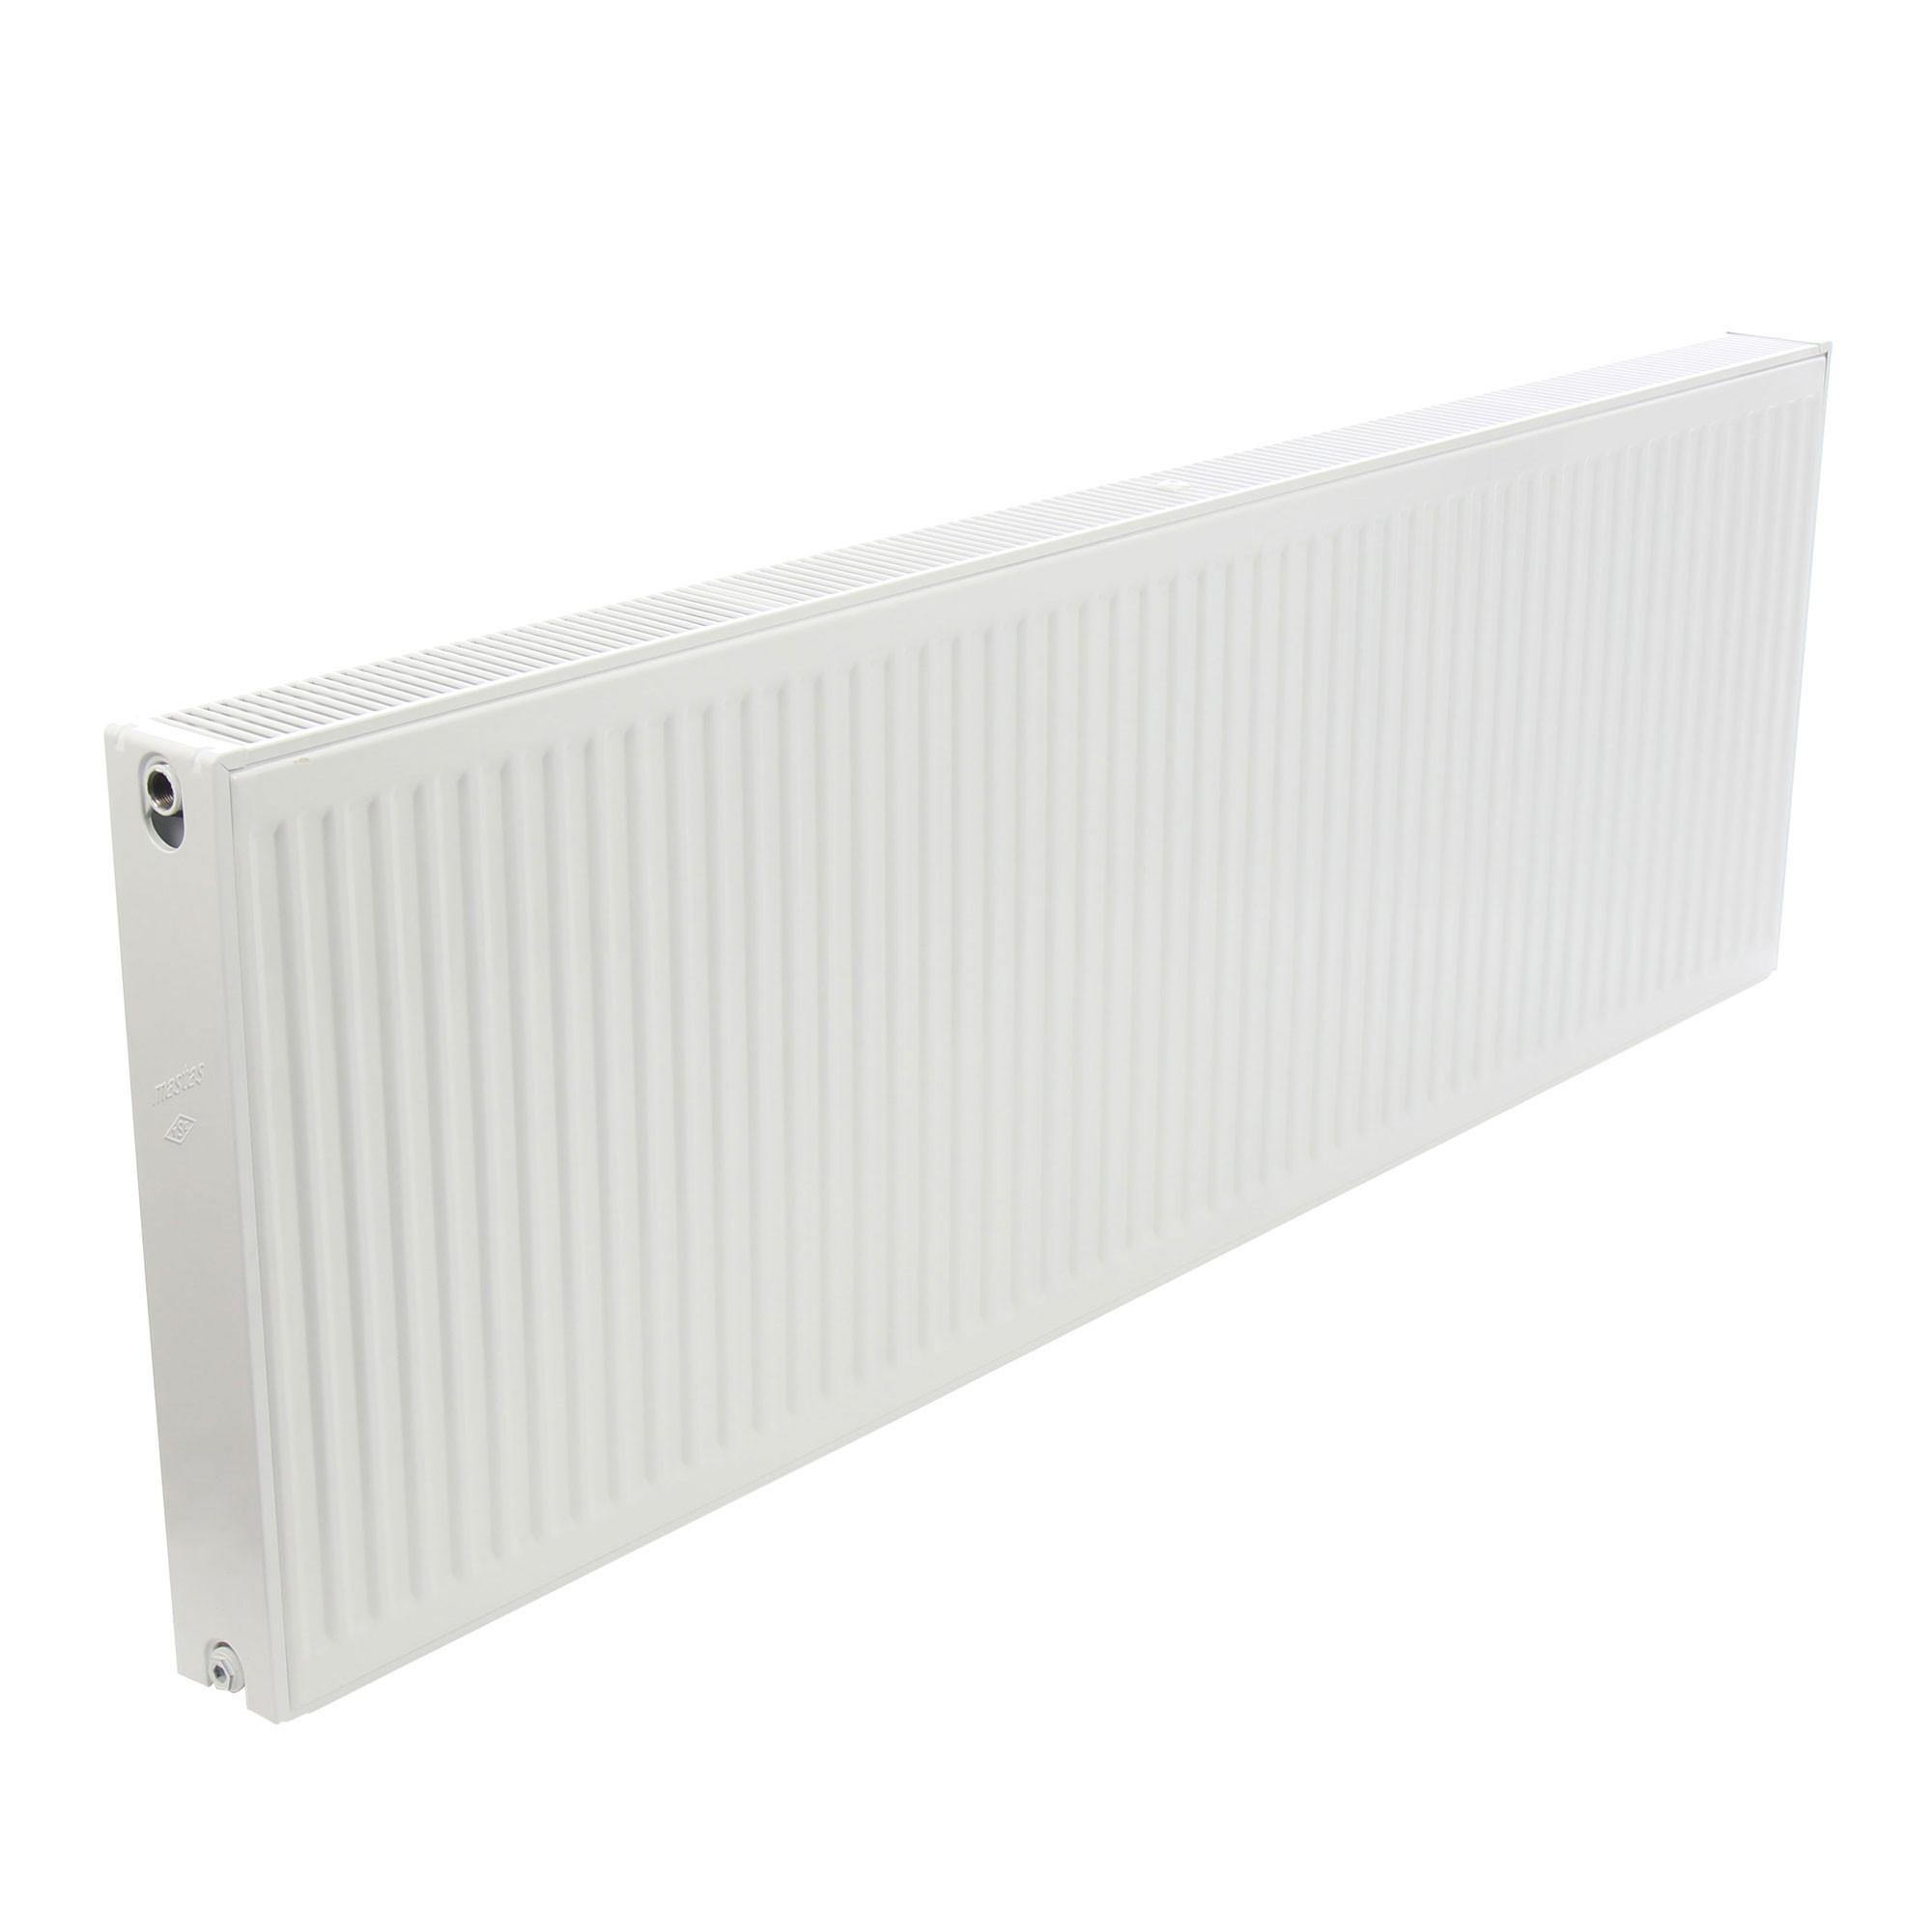 Radiator (calorifer) otel VIGO 22, 600 x 2000 mm, accesorii incluse fornello imagine